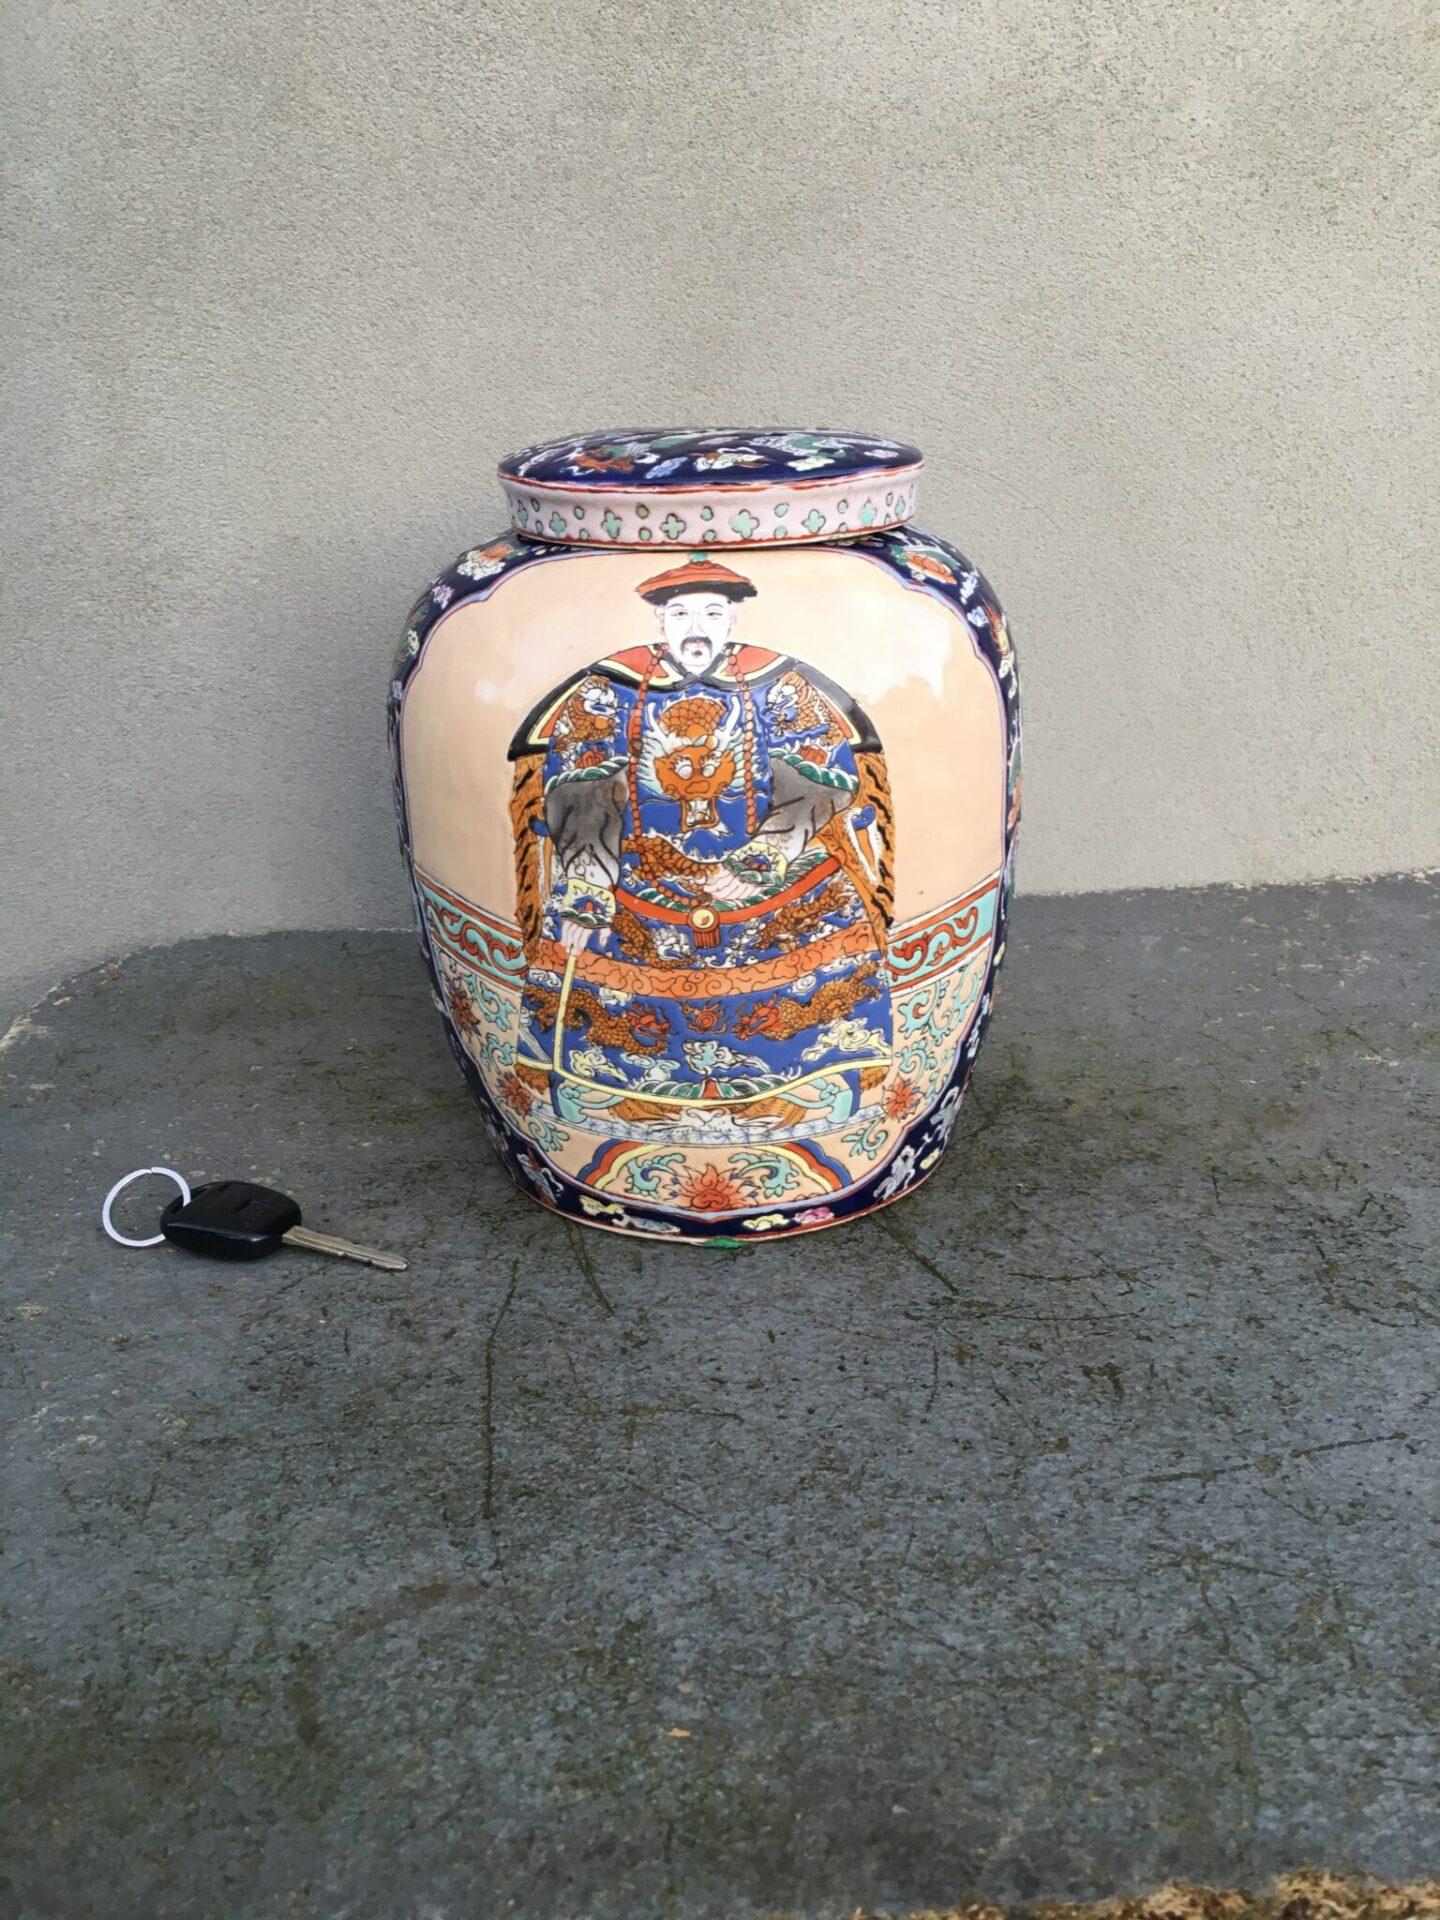 Kinesik bojan, h= 26 cm, pris 500 kr